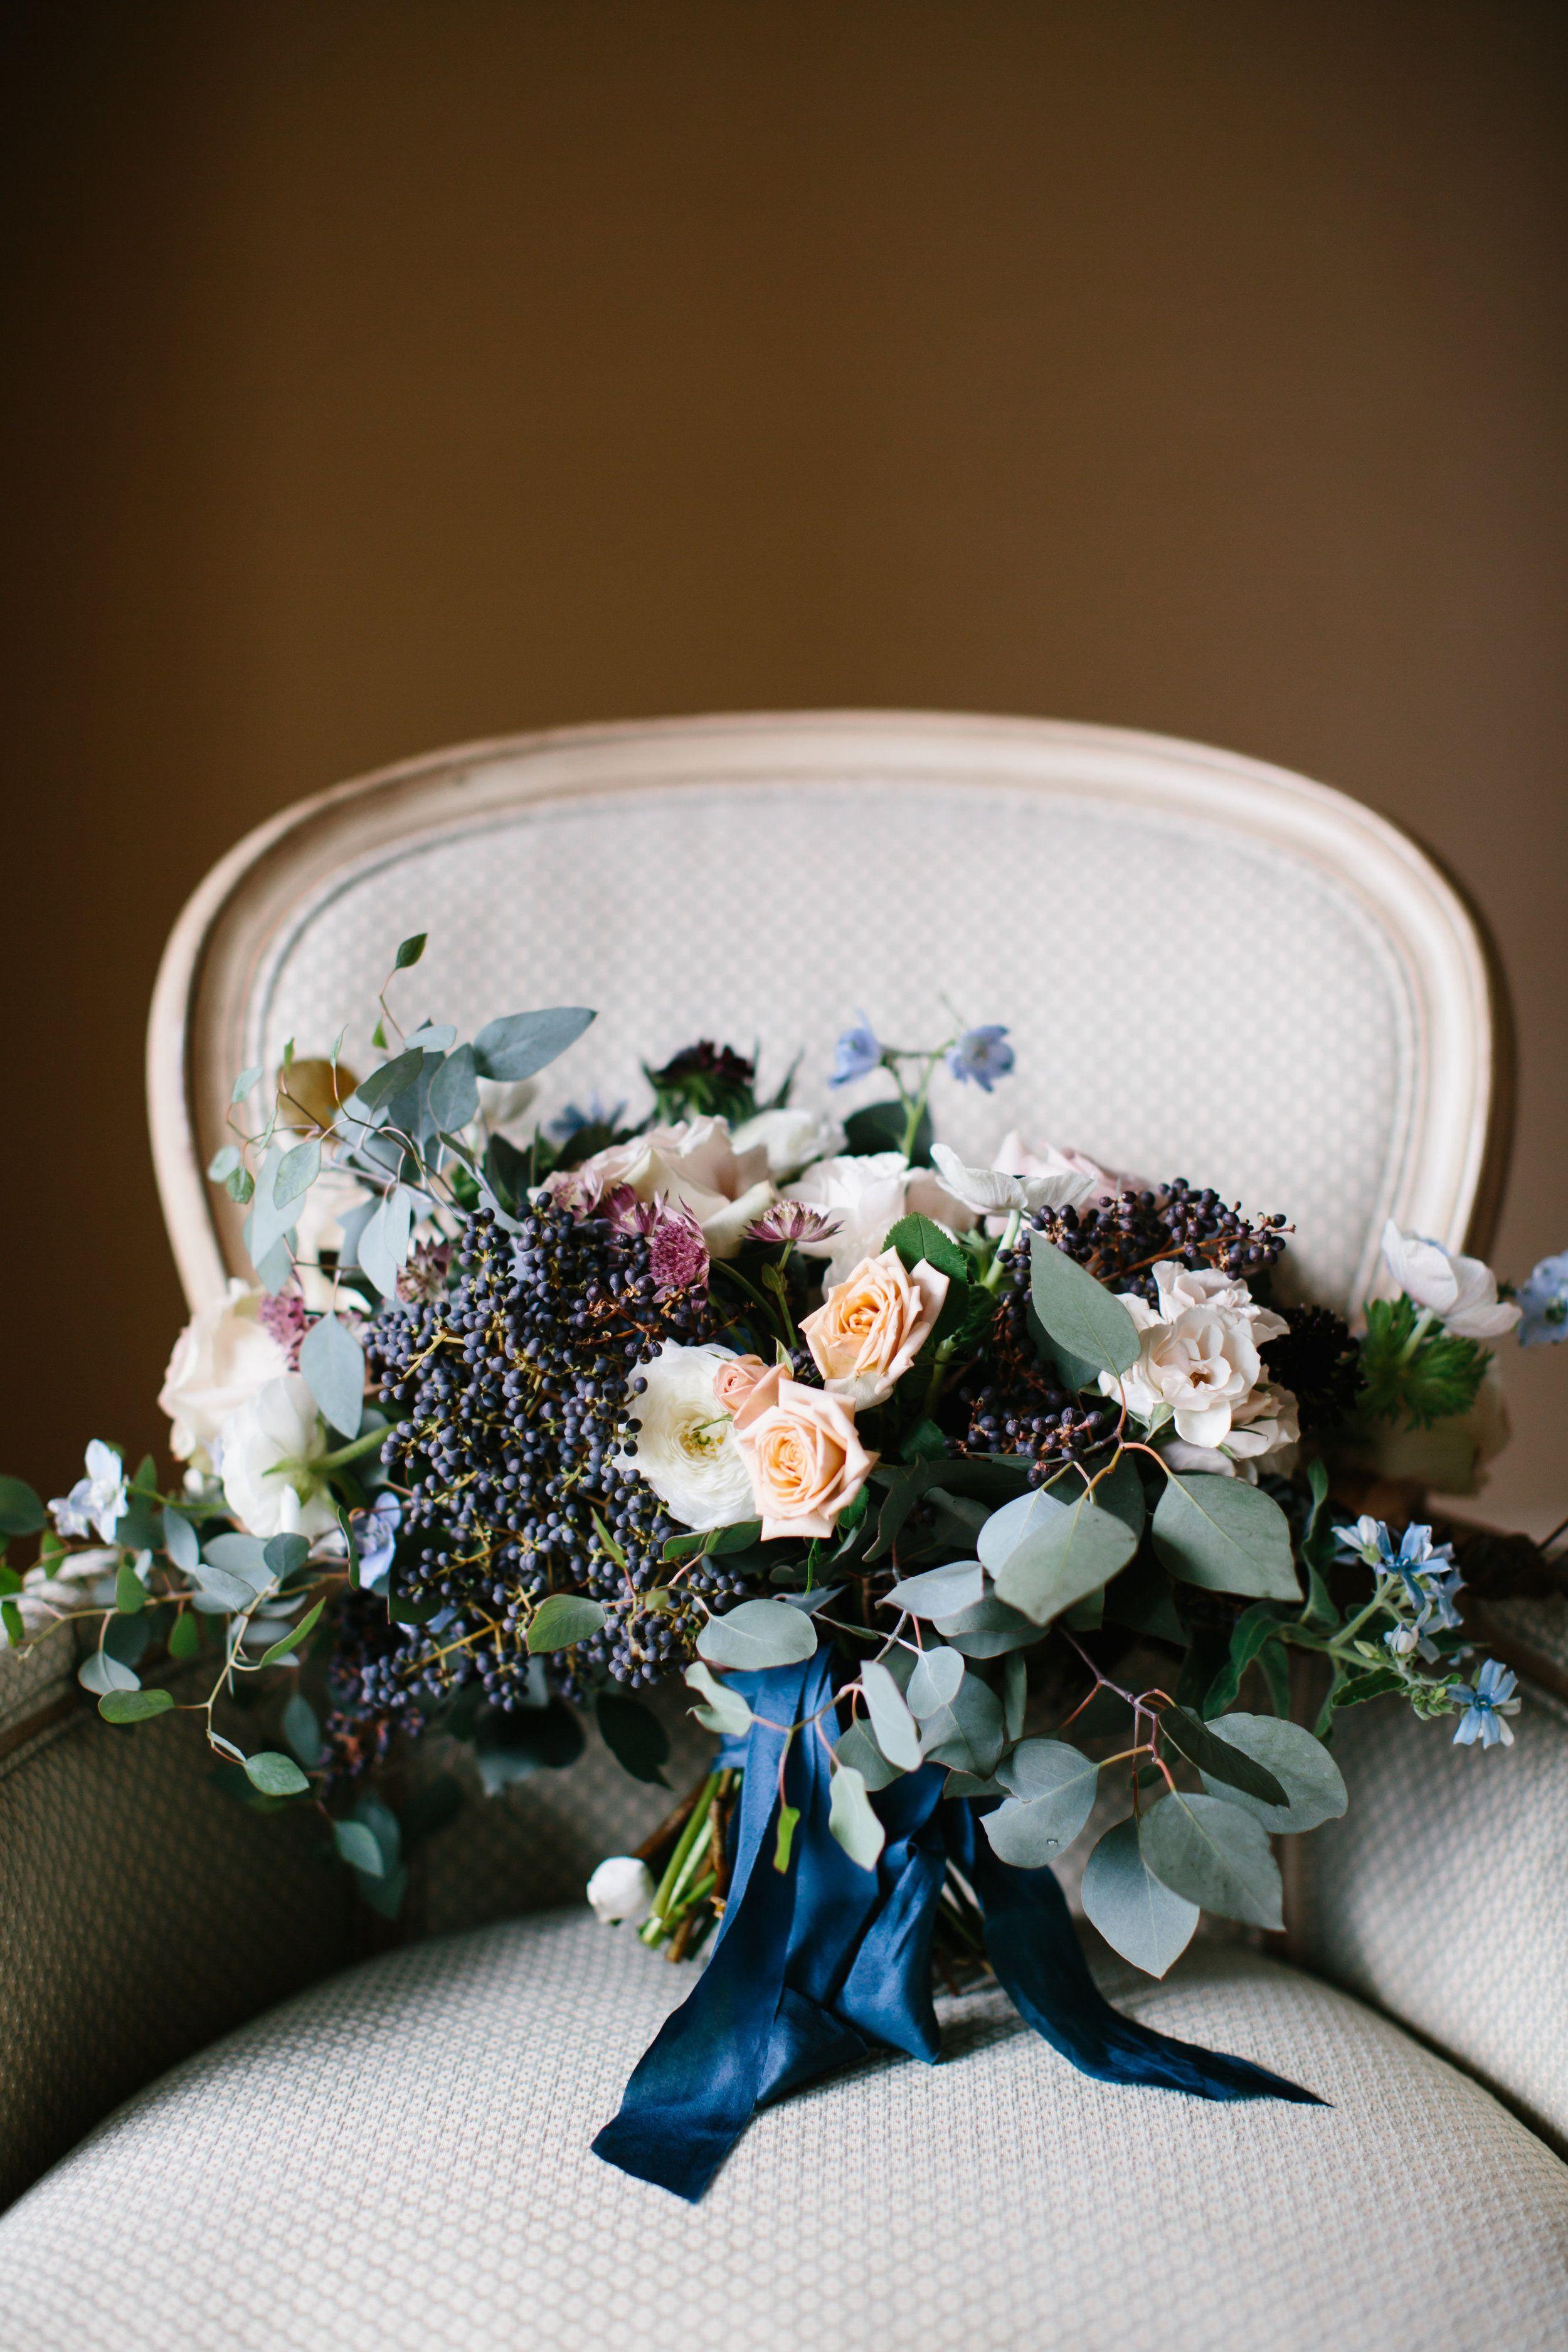 Lush garden bouquet by Wild Green Yonder wedding